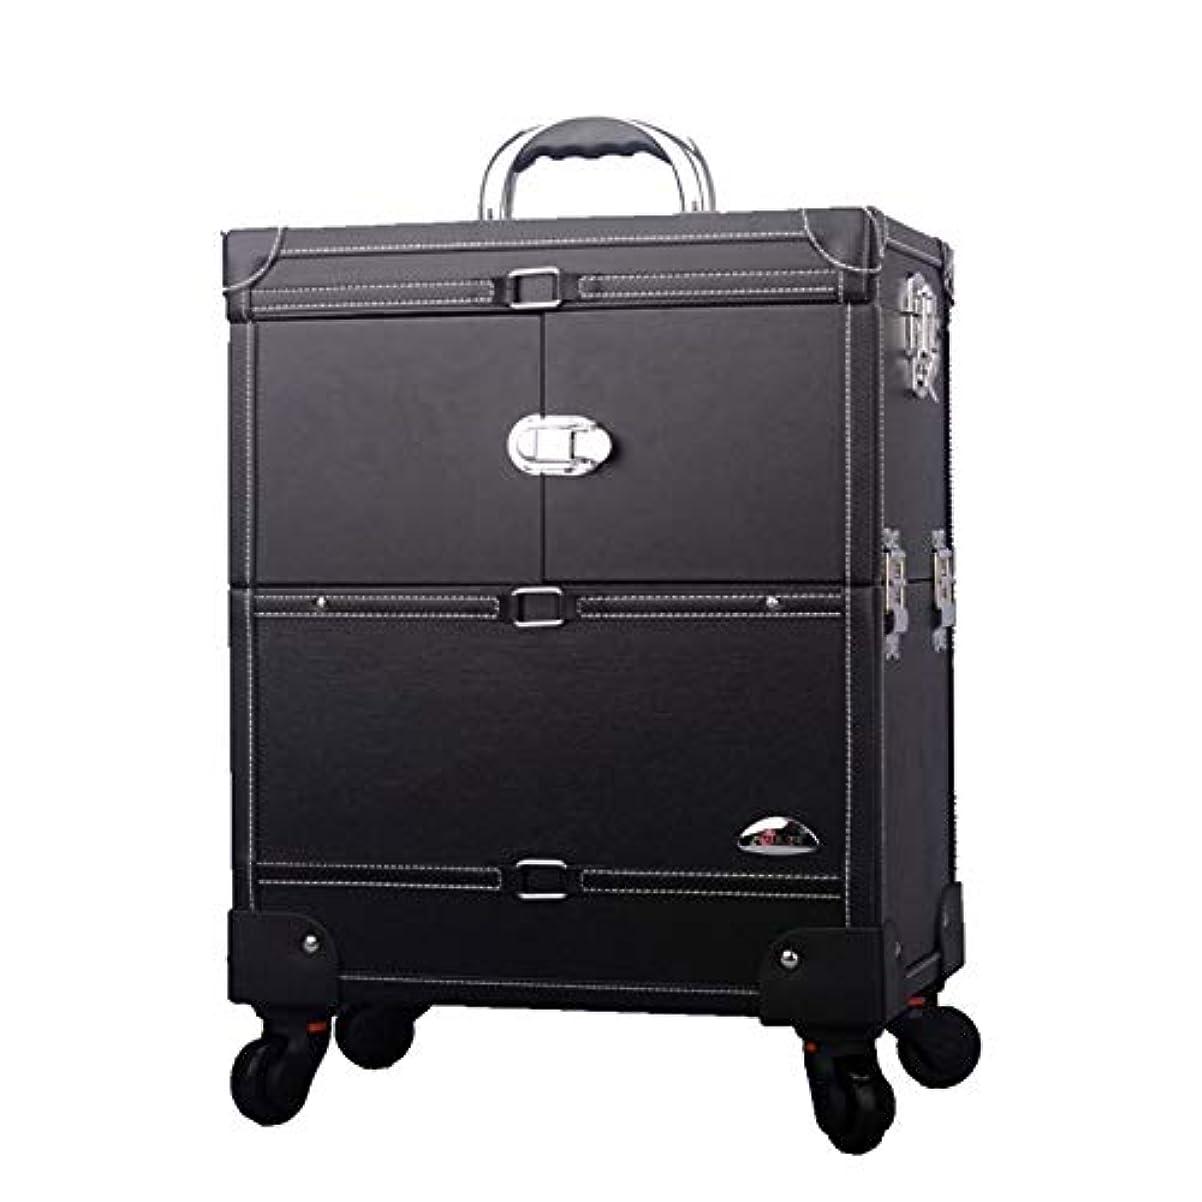 合金コイン生き物プロ専用 美容師 クローゼット スーツケース メイクボックス キャリーバッグ ヘアメイク プロ 大容量 軽量 高品質 多機能 I-JL-3623T-B-T